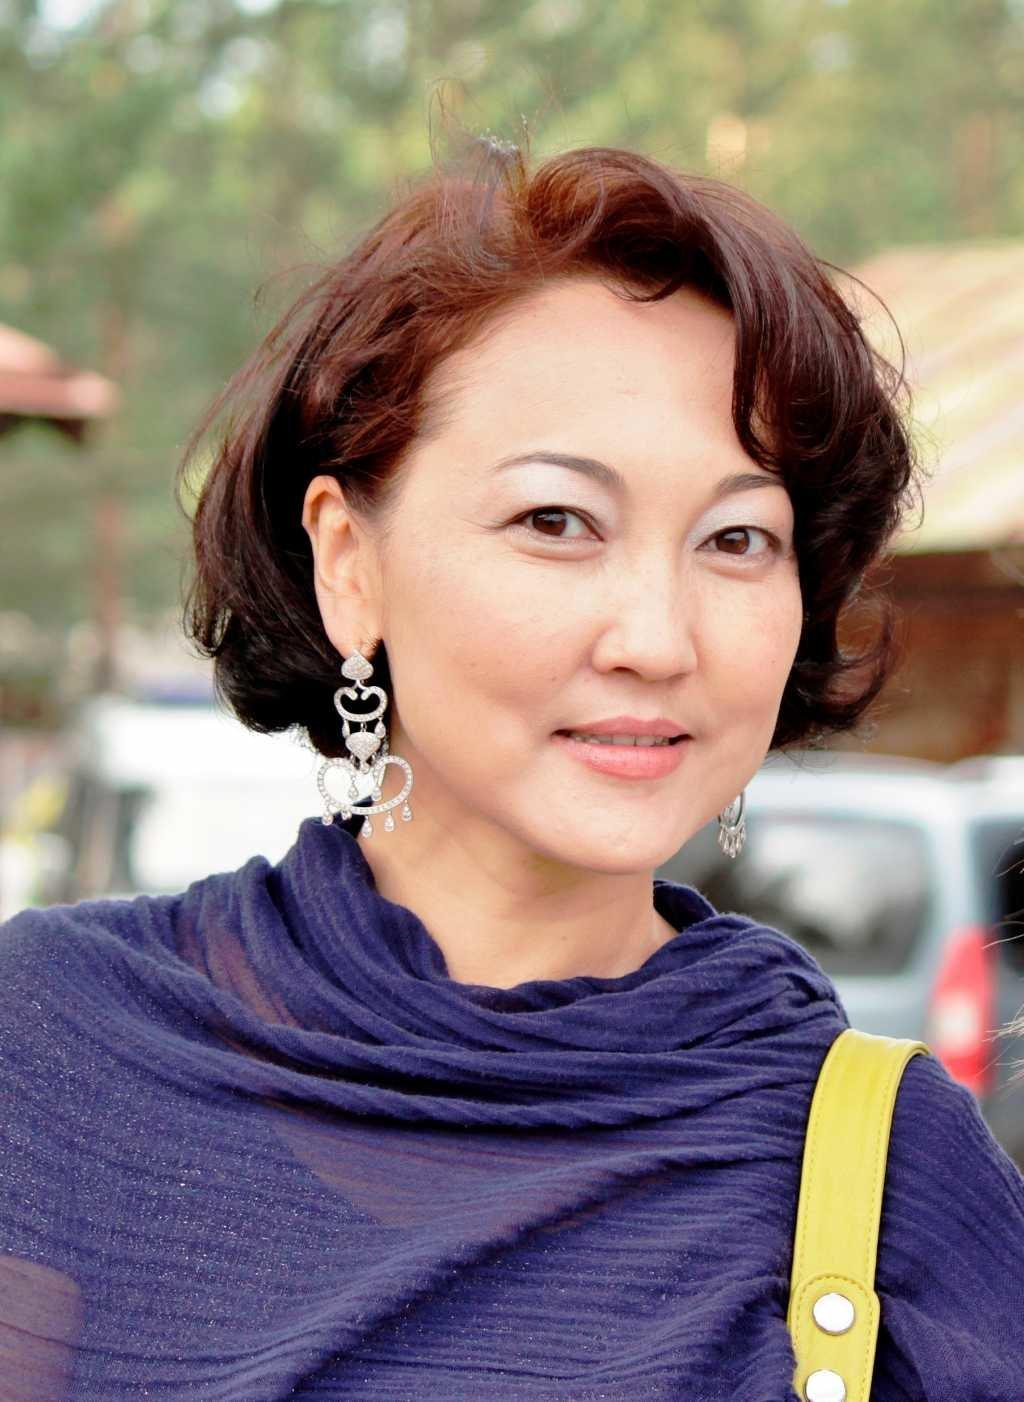 кругленькую азиатки в возрасте женщины техника должна меняться